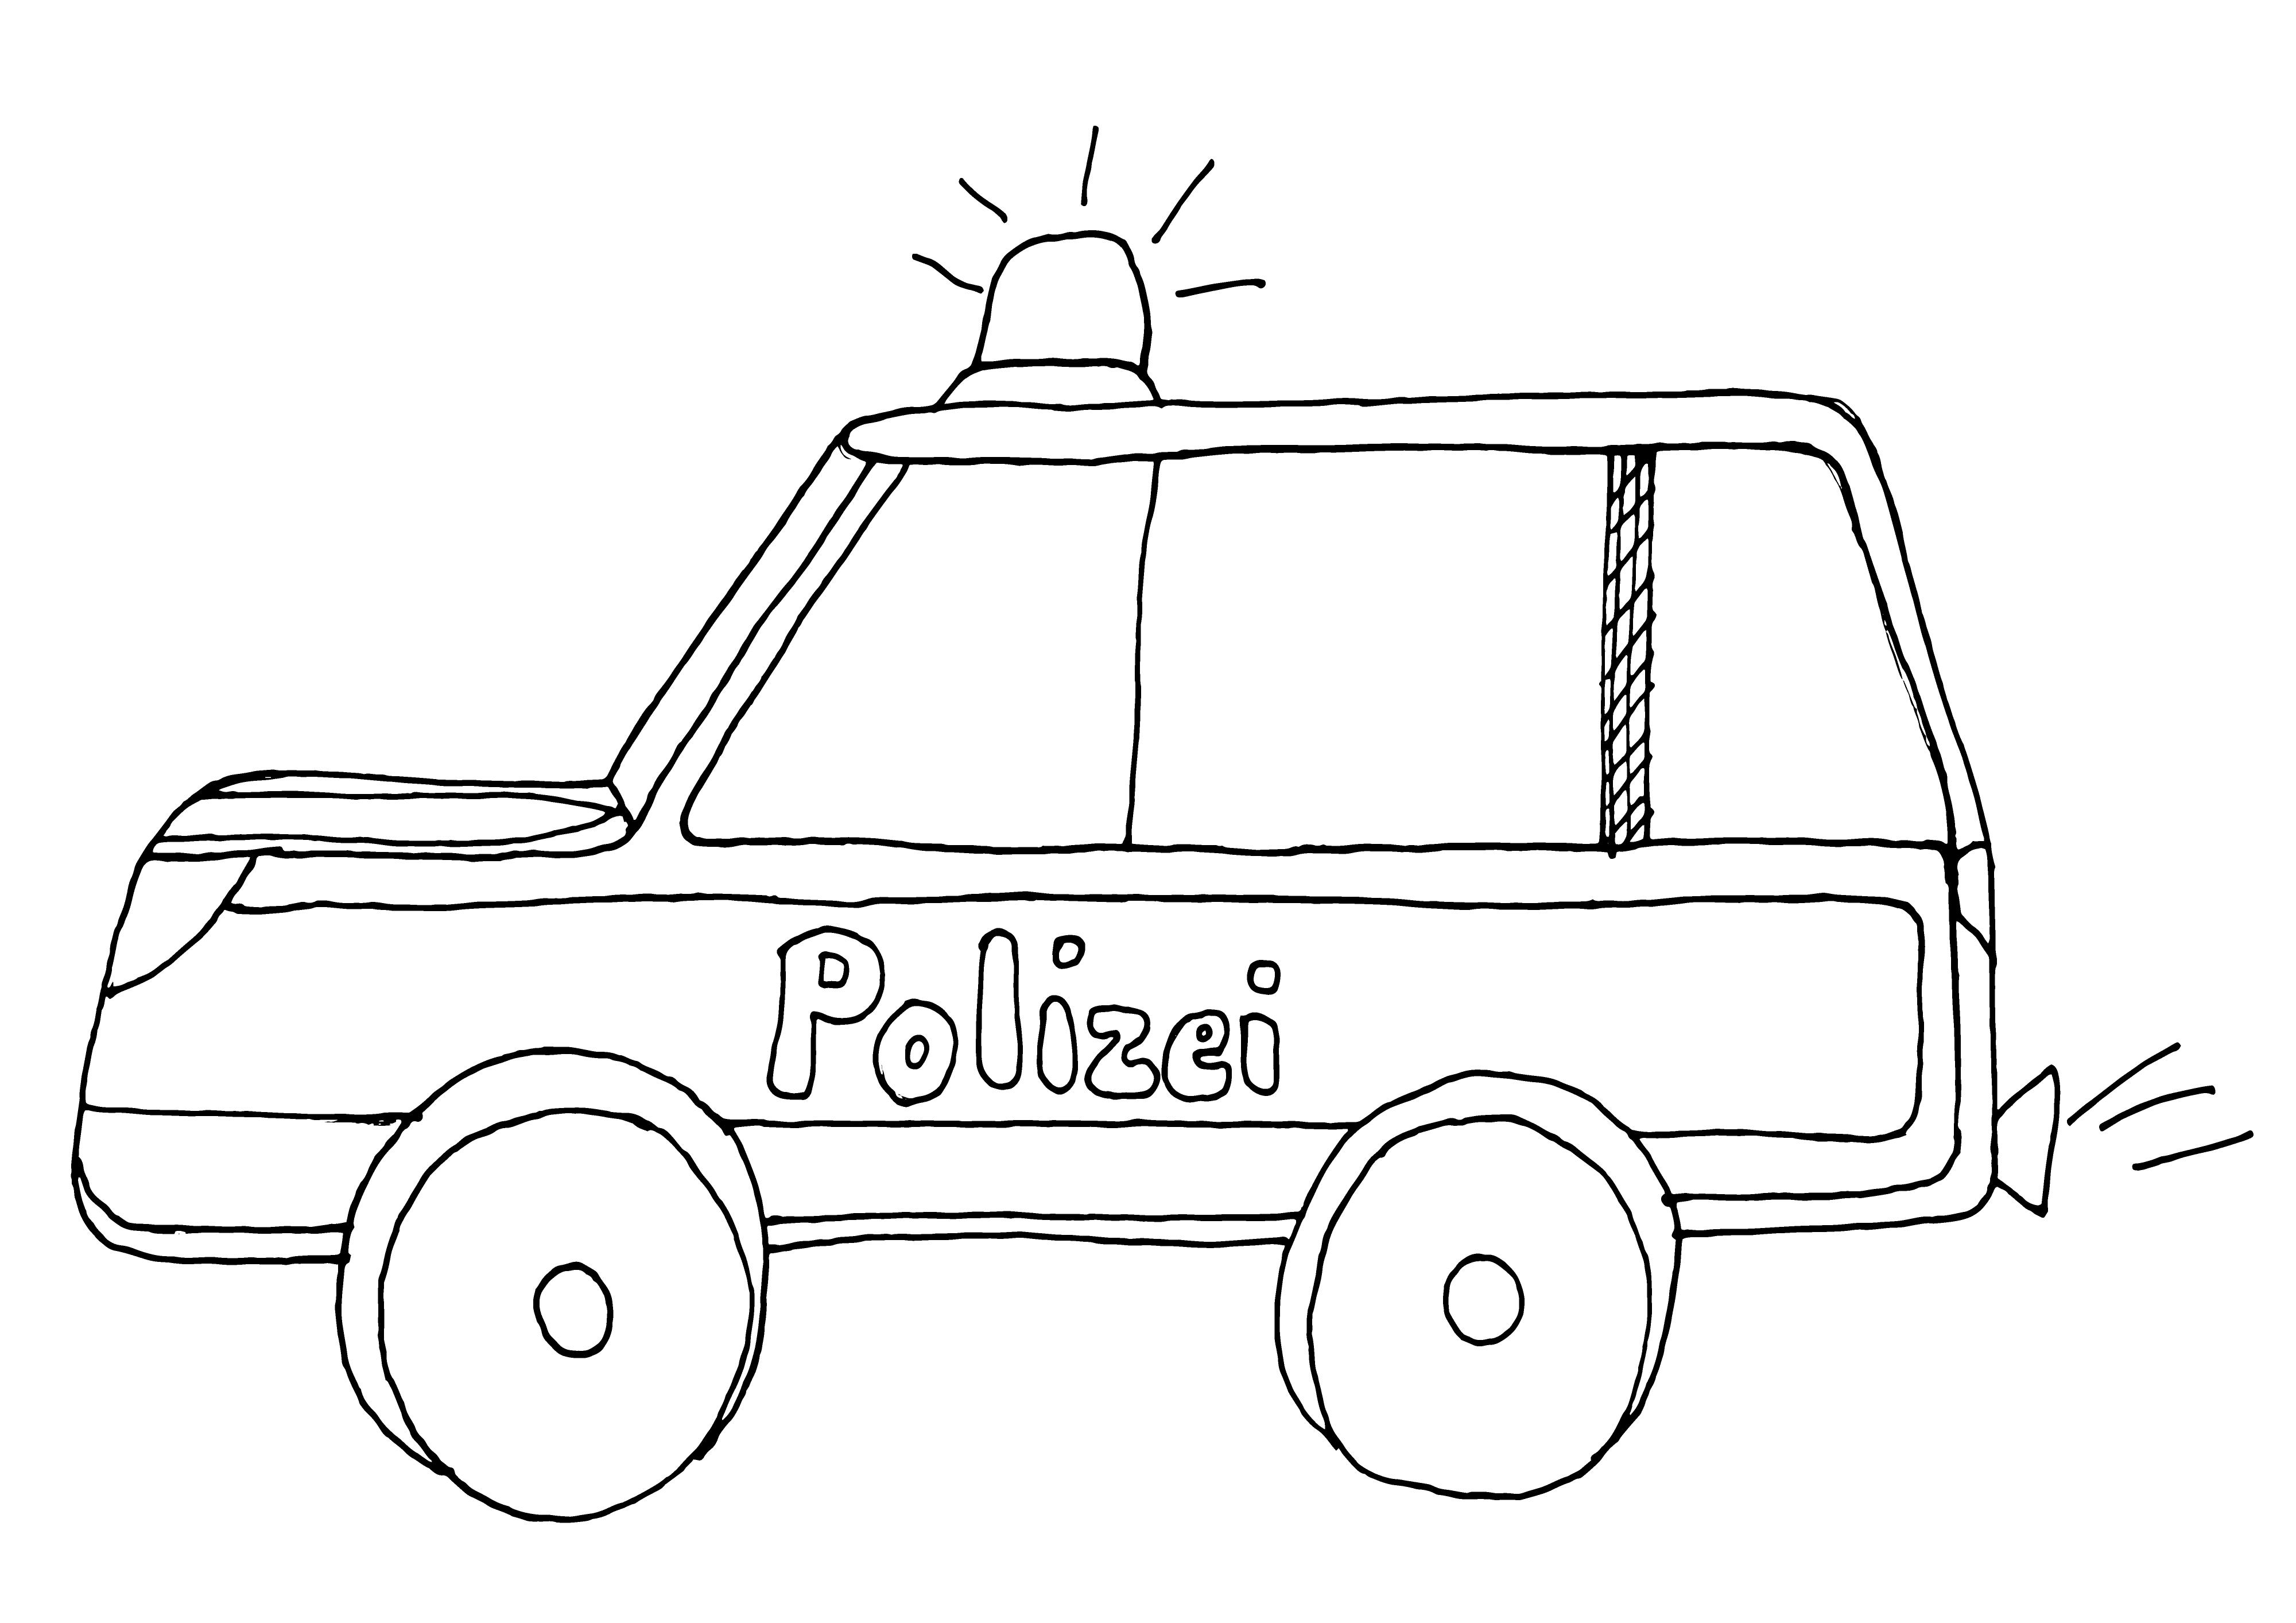 Polizeiauto Mit Blaulicht Ausmalbild | Polizei | Pinterest